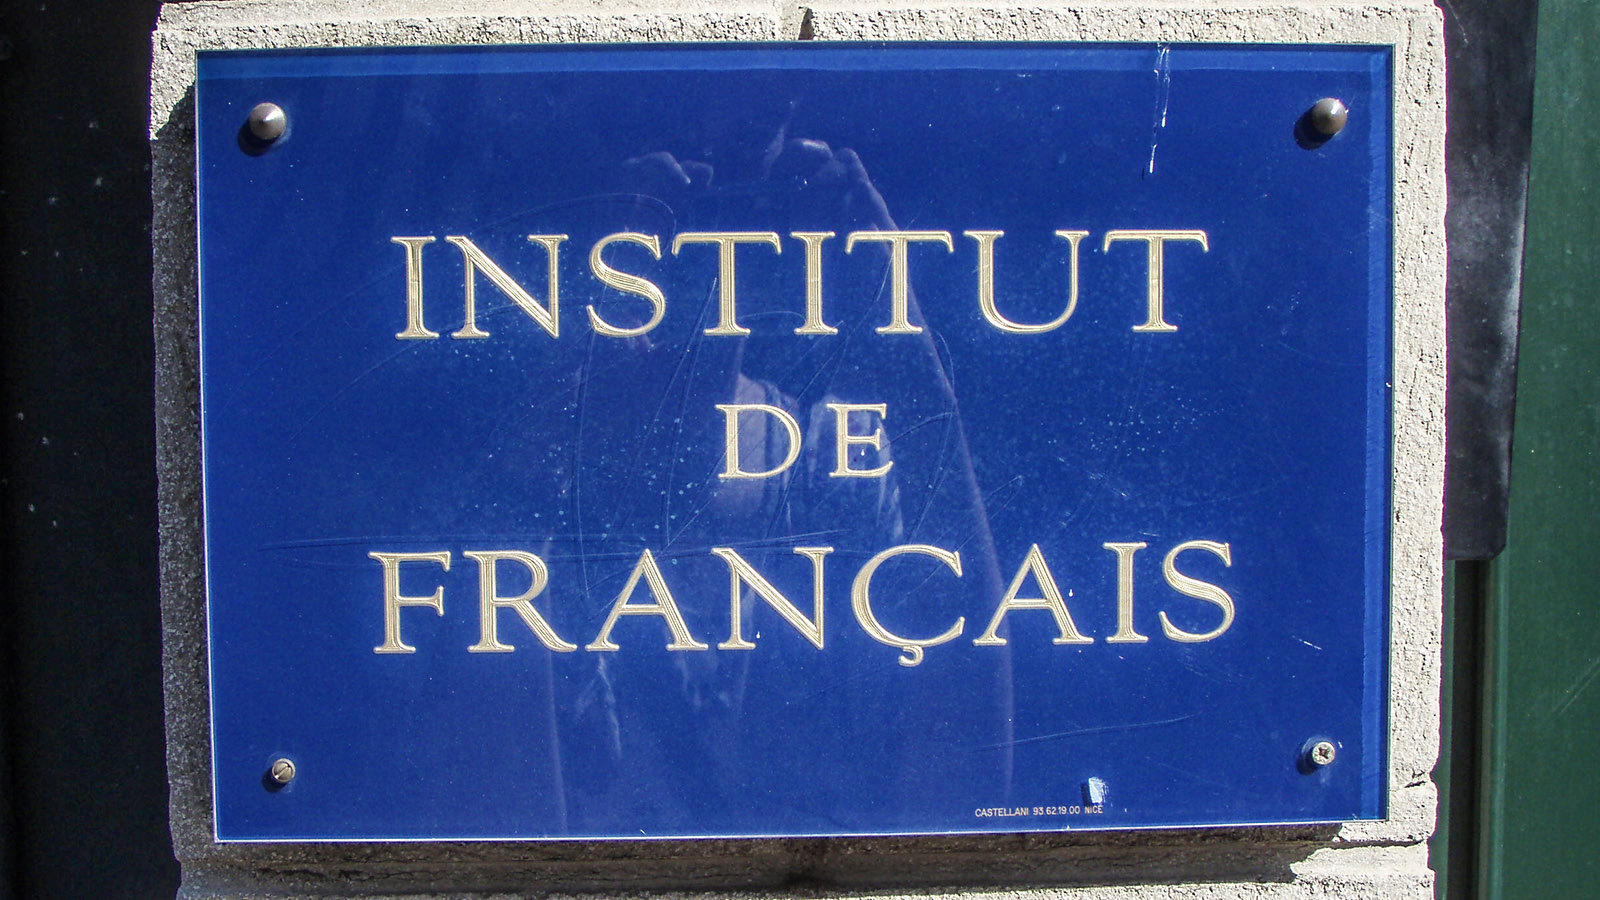 Französisch lernen durch aktives Sprechen ist Programm bei dieser Sprachschule. Foto: Kerstin Gorges